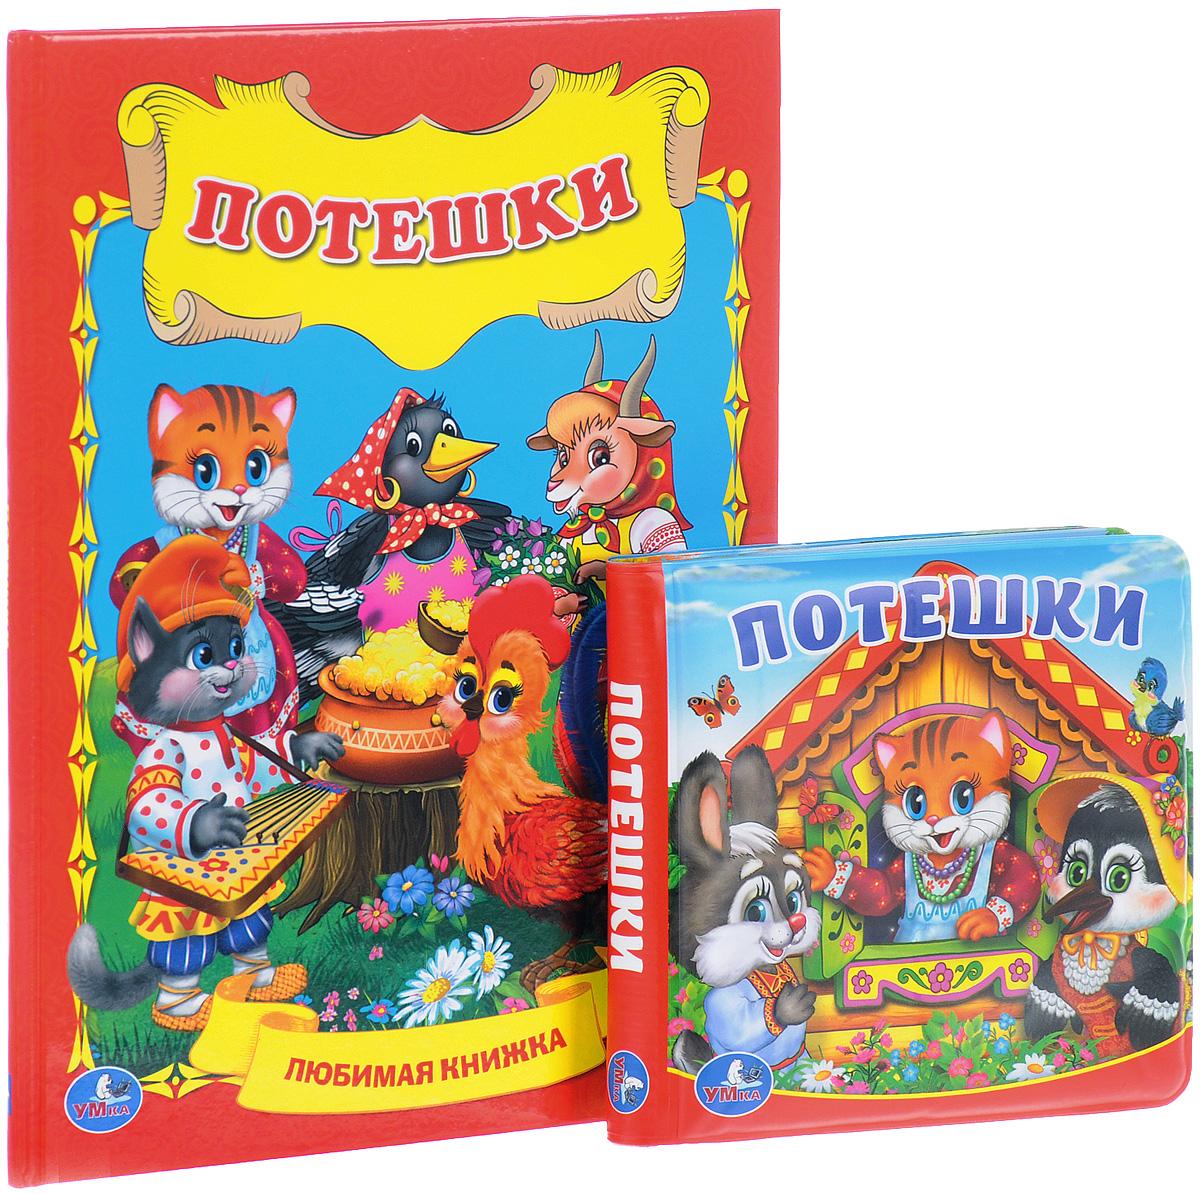 Фото Потешки для малышей (комплект из 2 книг). Купить  в РФ